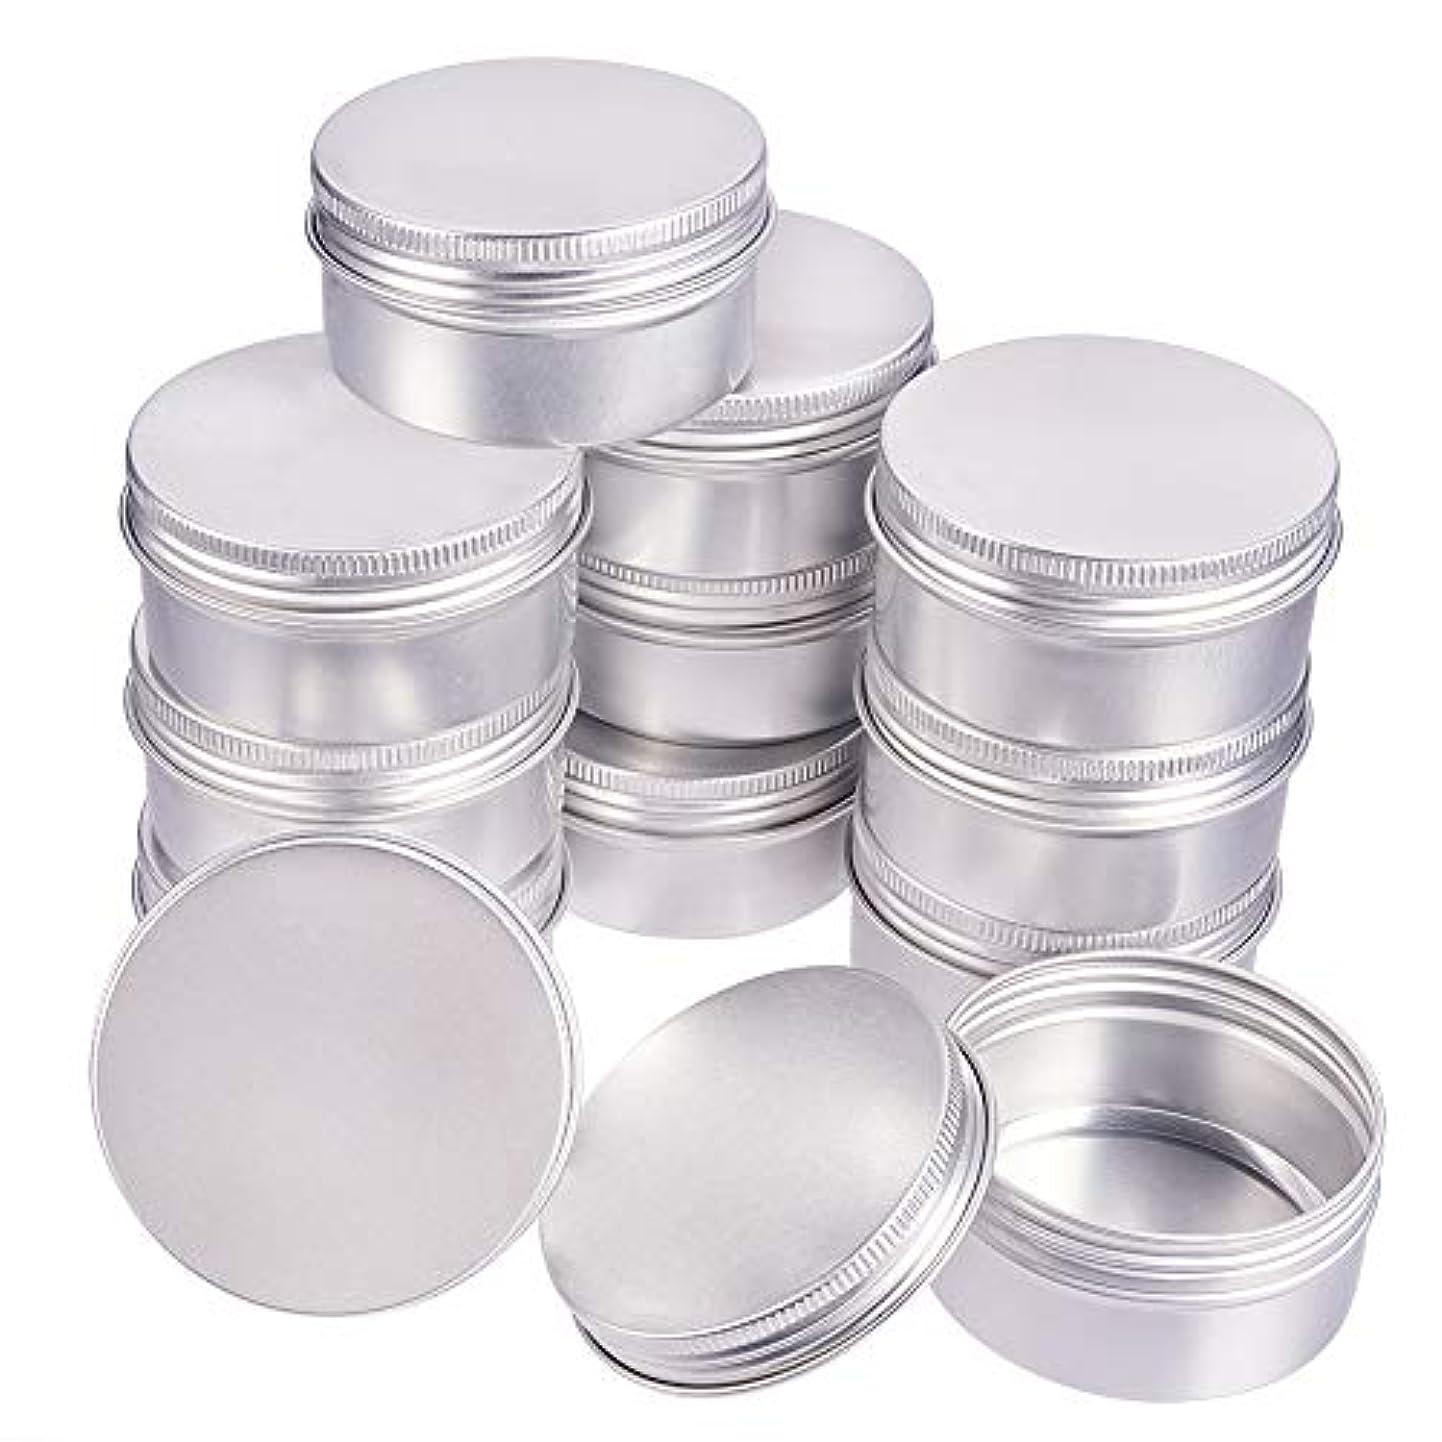 カブまっすぐにする極小BENECREAT 12個セット 80mlアルミ缶 アルミネジキャップ缶 小分け容器 詰め替え容器 クリームケース 化粧品 クリーム 小物用収納ボックス シルバー